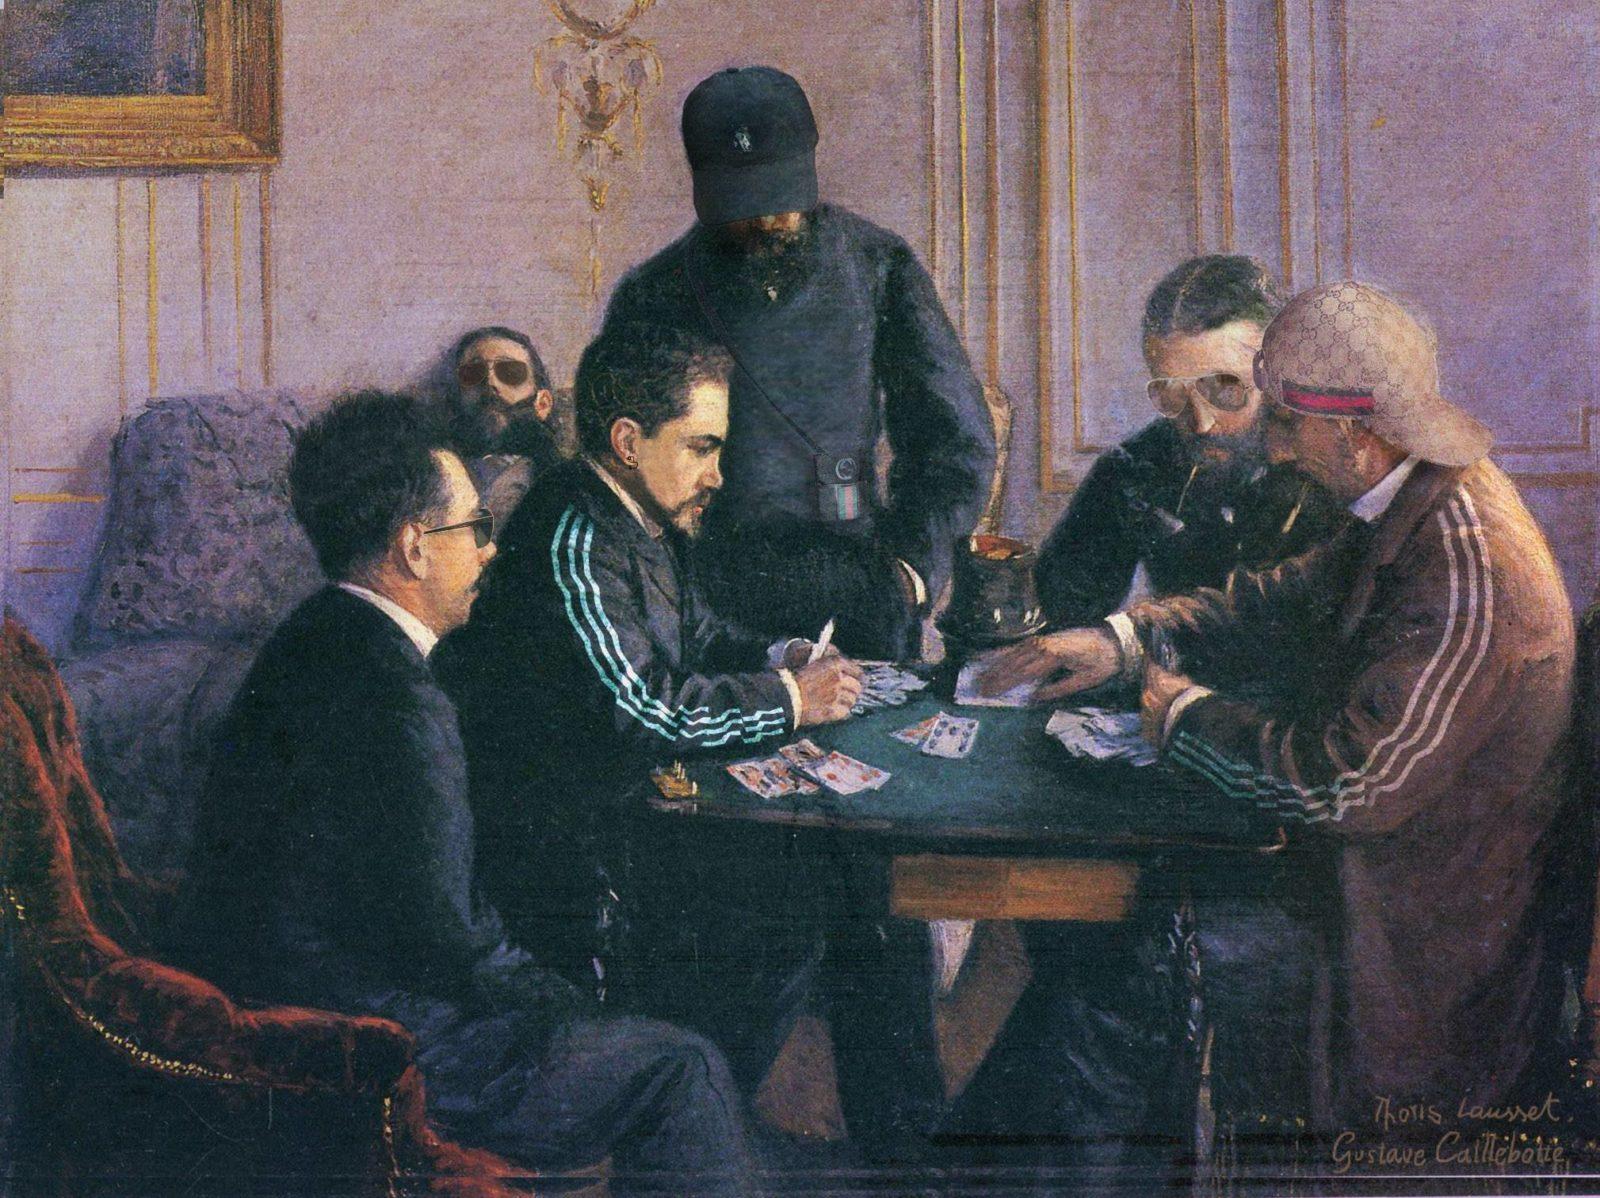 cartes adidas thorislausset peintureclassique detournement - Painting update : les peintures classiques revisitées avec beaucoup d'humour et de modernité